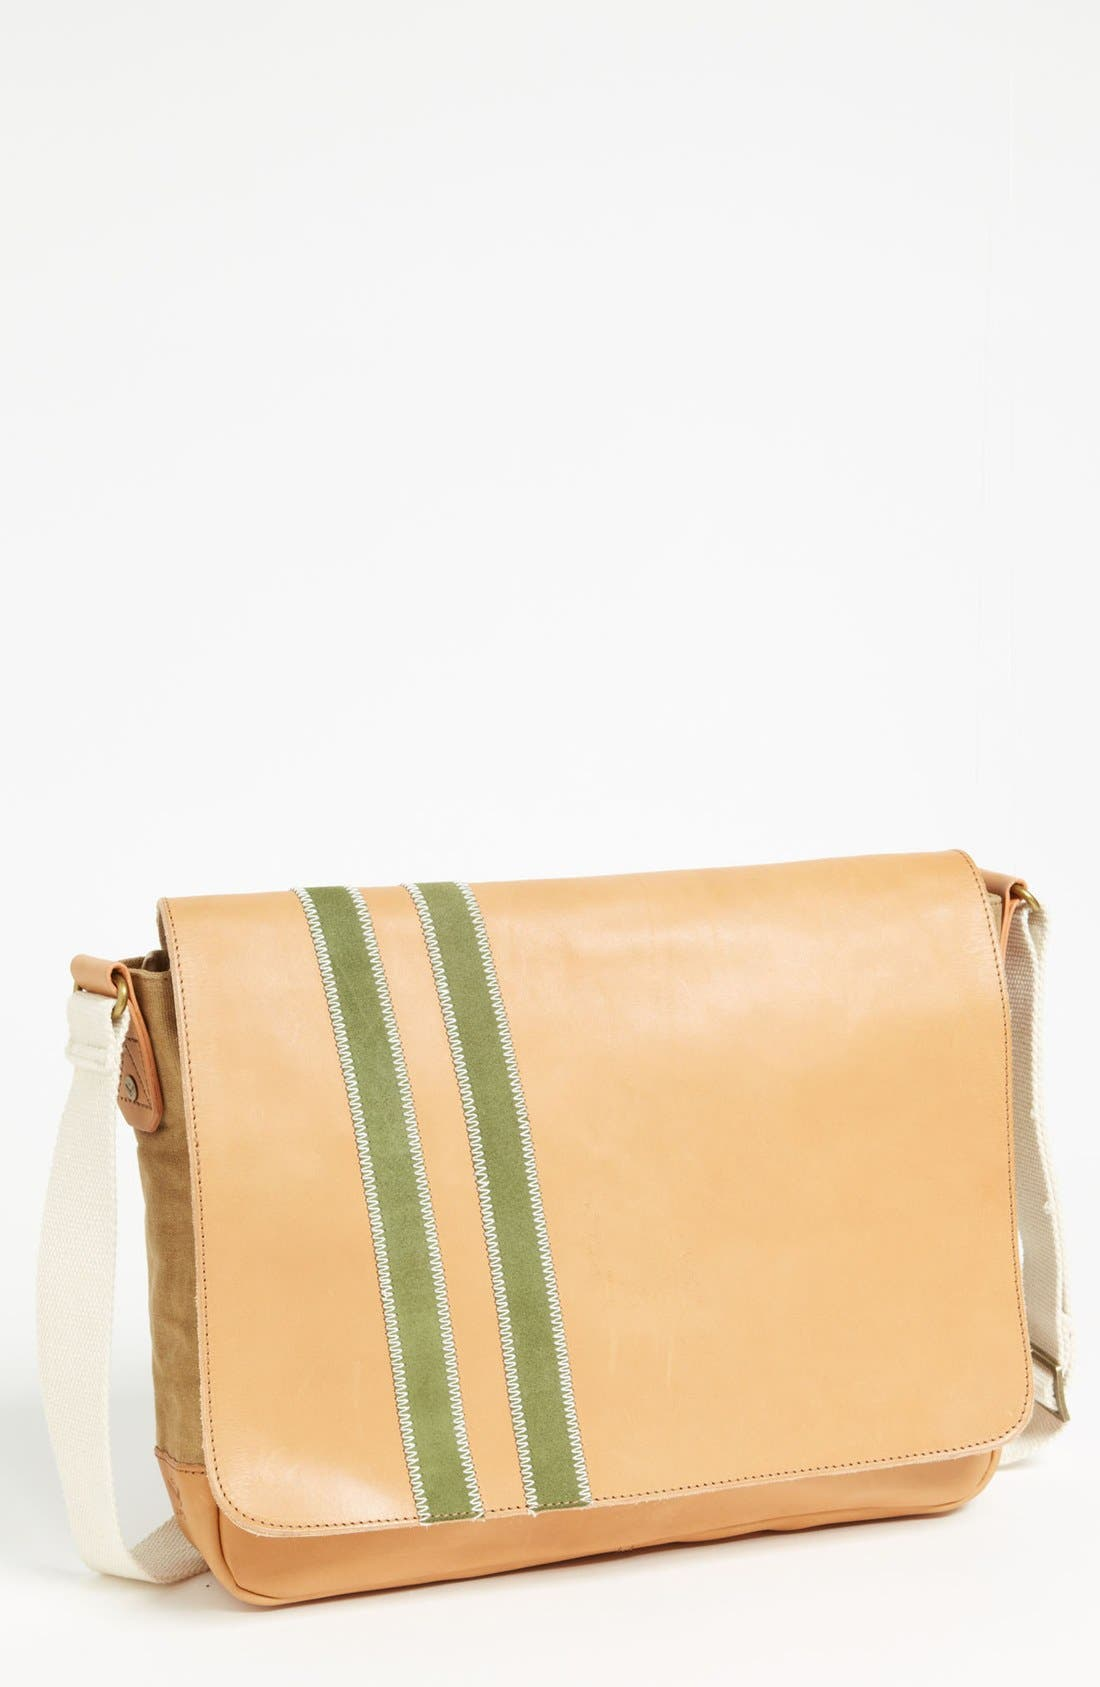 Main Image - J. Fold 'Roadster' Messenger Bag